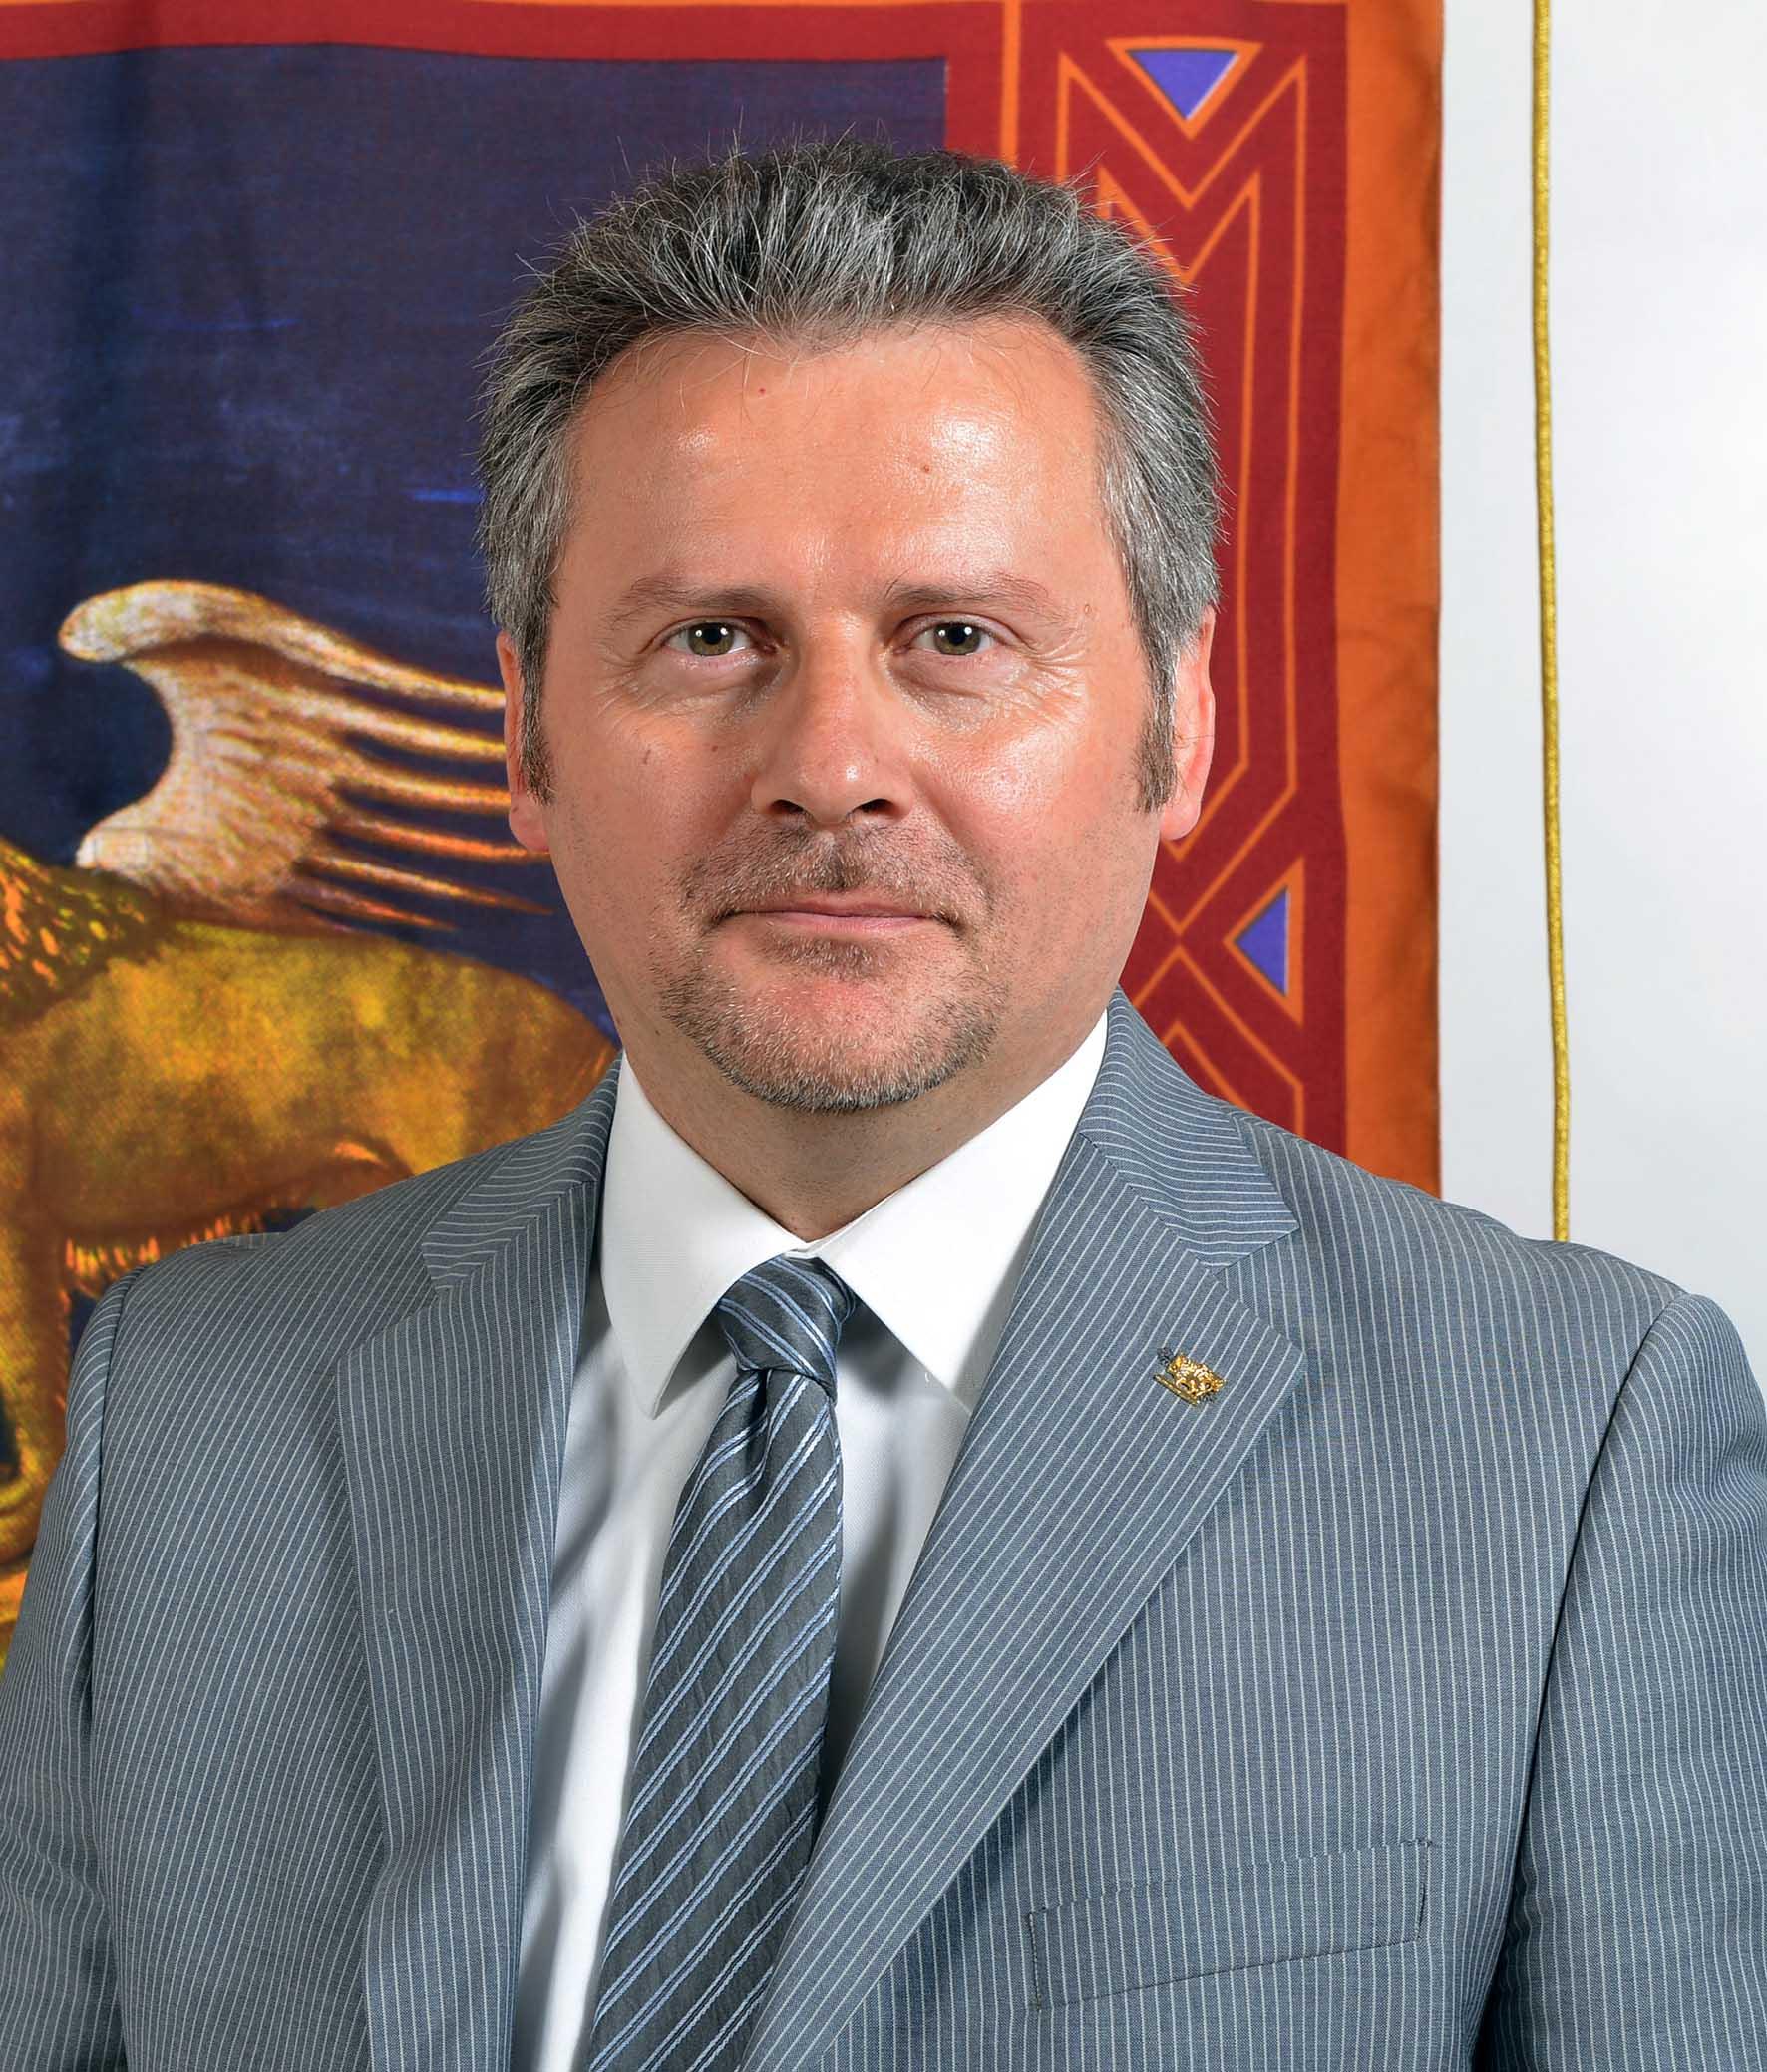 roberto ciambetti presidente consiglio regionale veneto